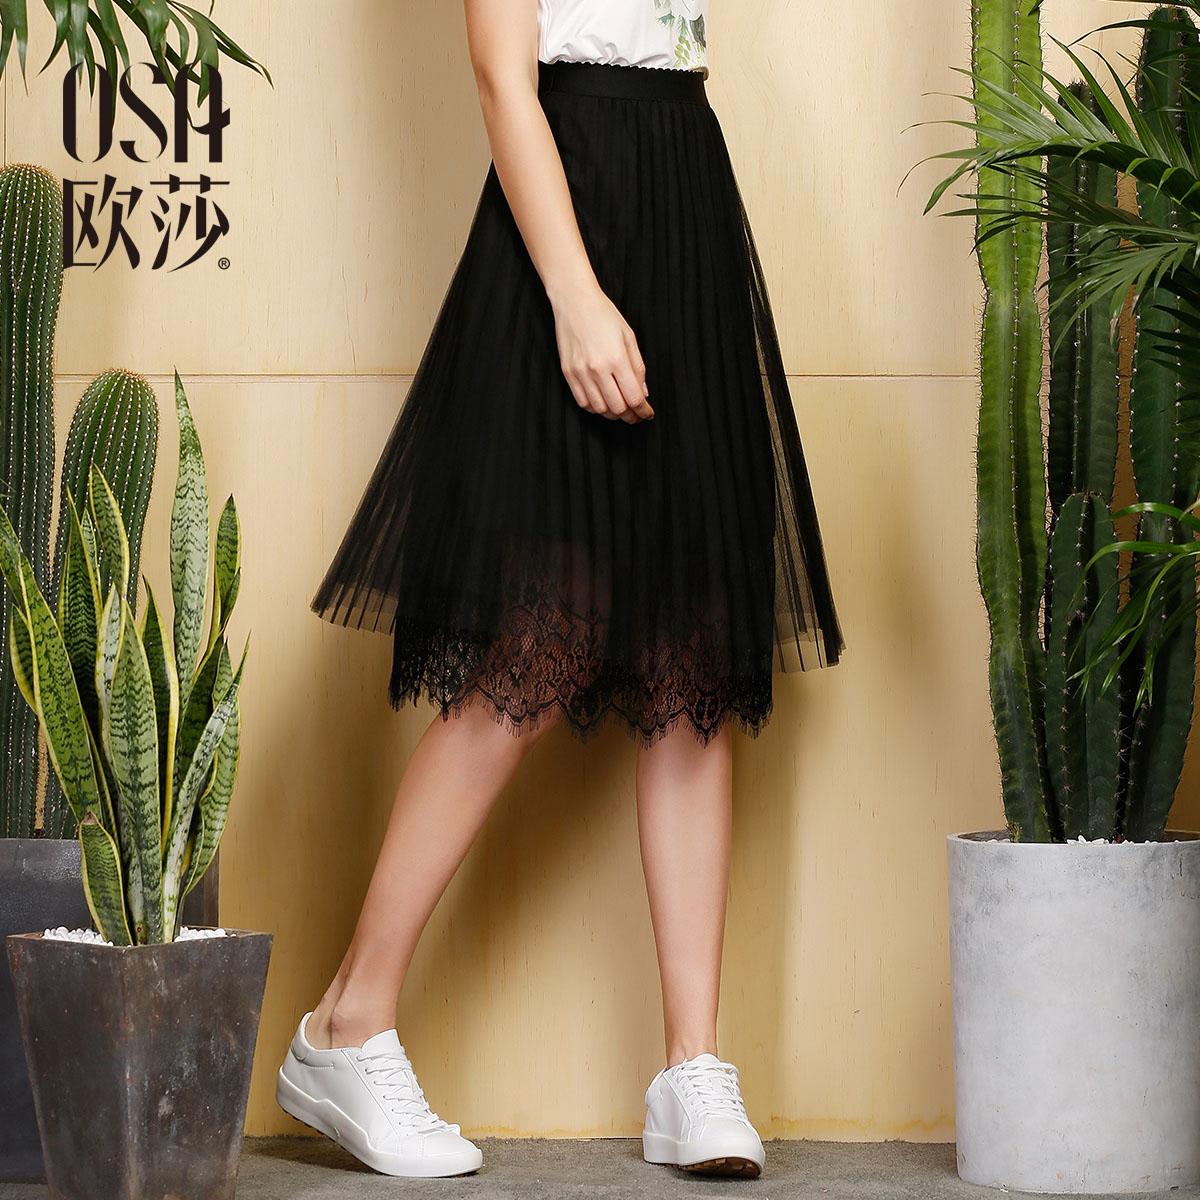 OSA夏装新款女装短裙蕾丝网纱雪纺黑色百褶半身裙A字裙中长款